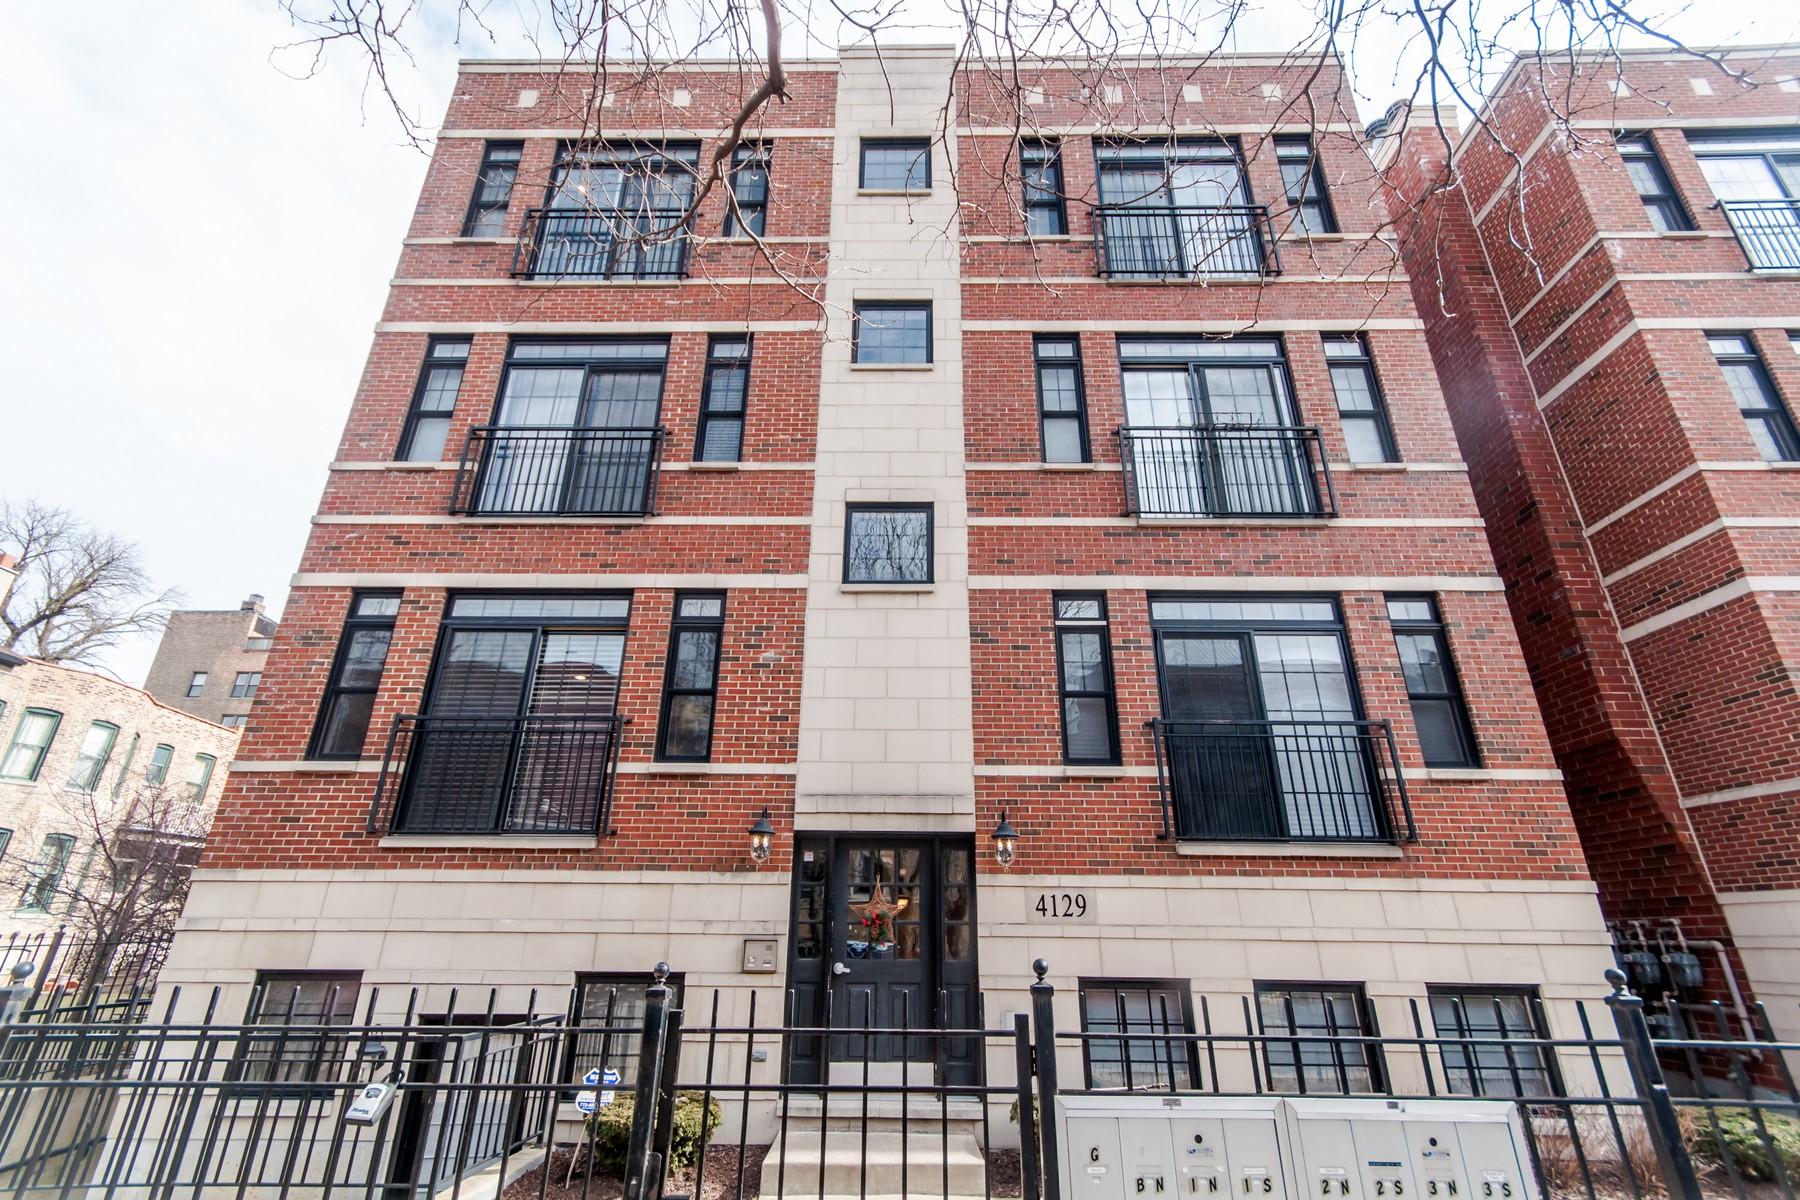 Eigentumswohnung für Verkauf beim Incredible, Meticulously-Maintained, Buena Park Home 4129 N Kenmore Avenue Unit 1N Uptown, Chicago, Illinois, 60613 Vereinigte Staaten